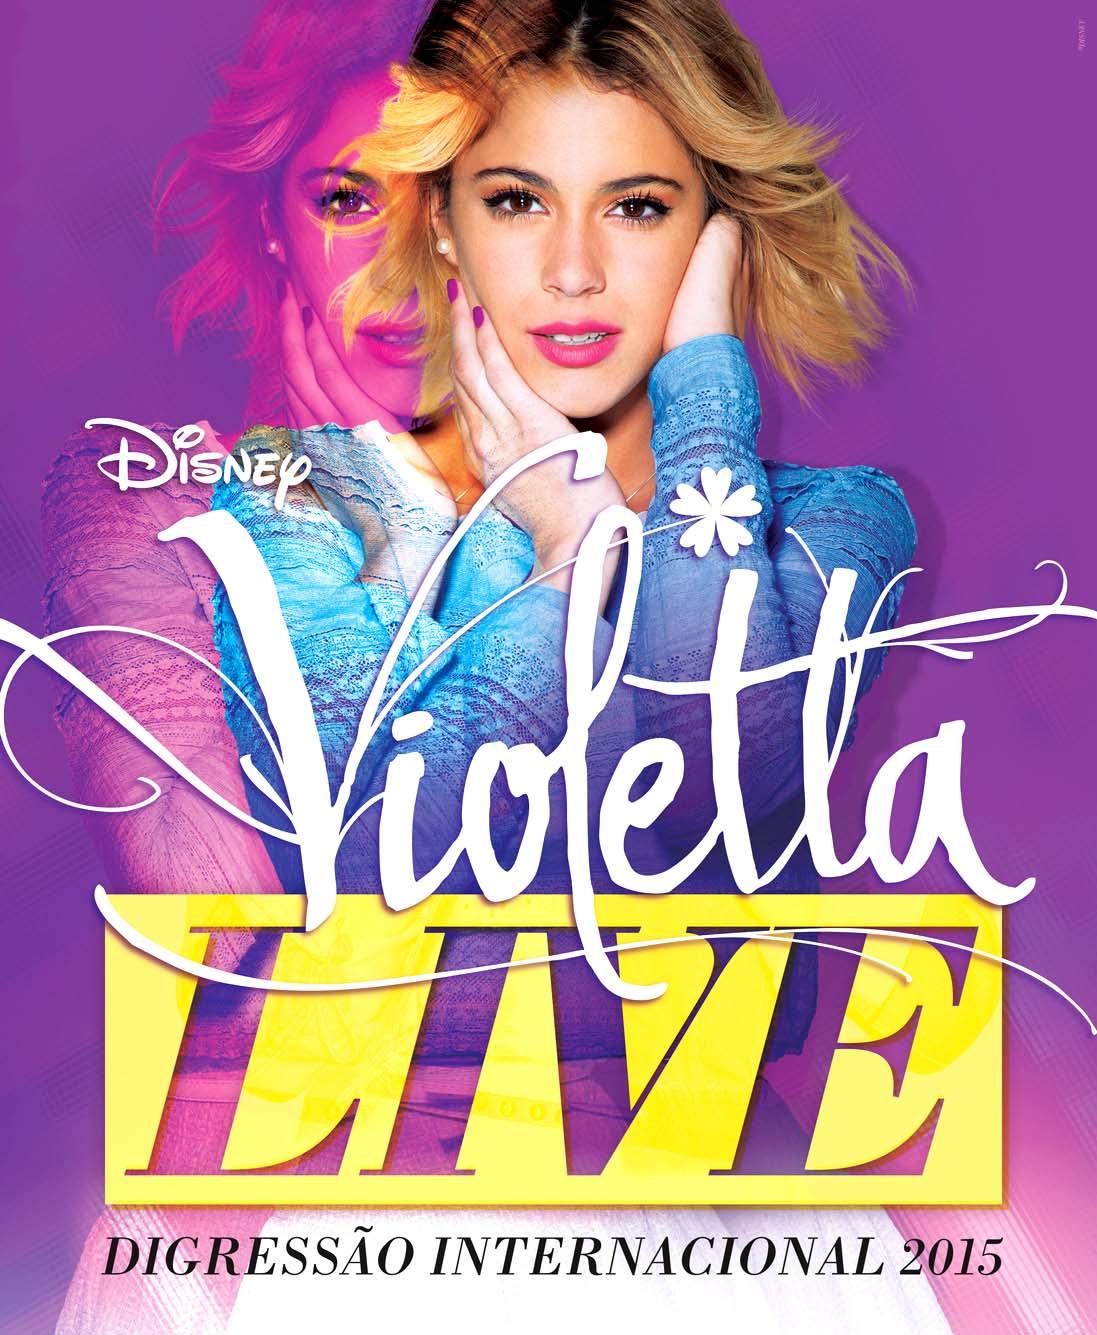 Violetta-Live-europa